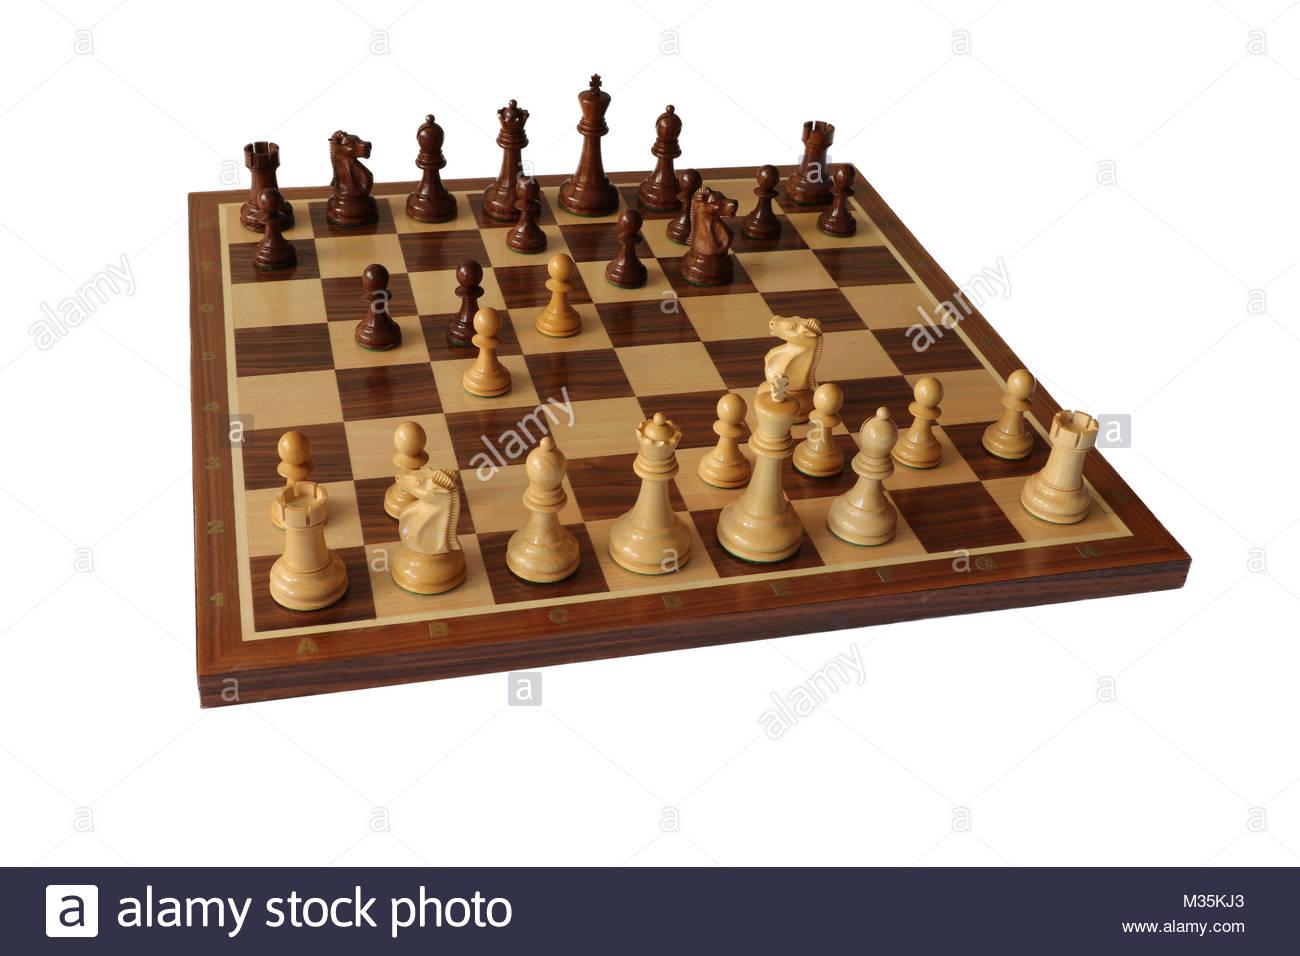 Chess opening. Blumenfeld Gambit. - Stock Image